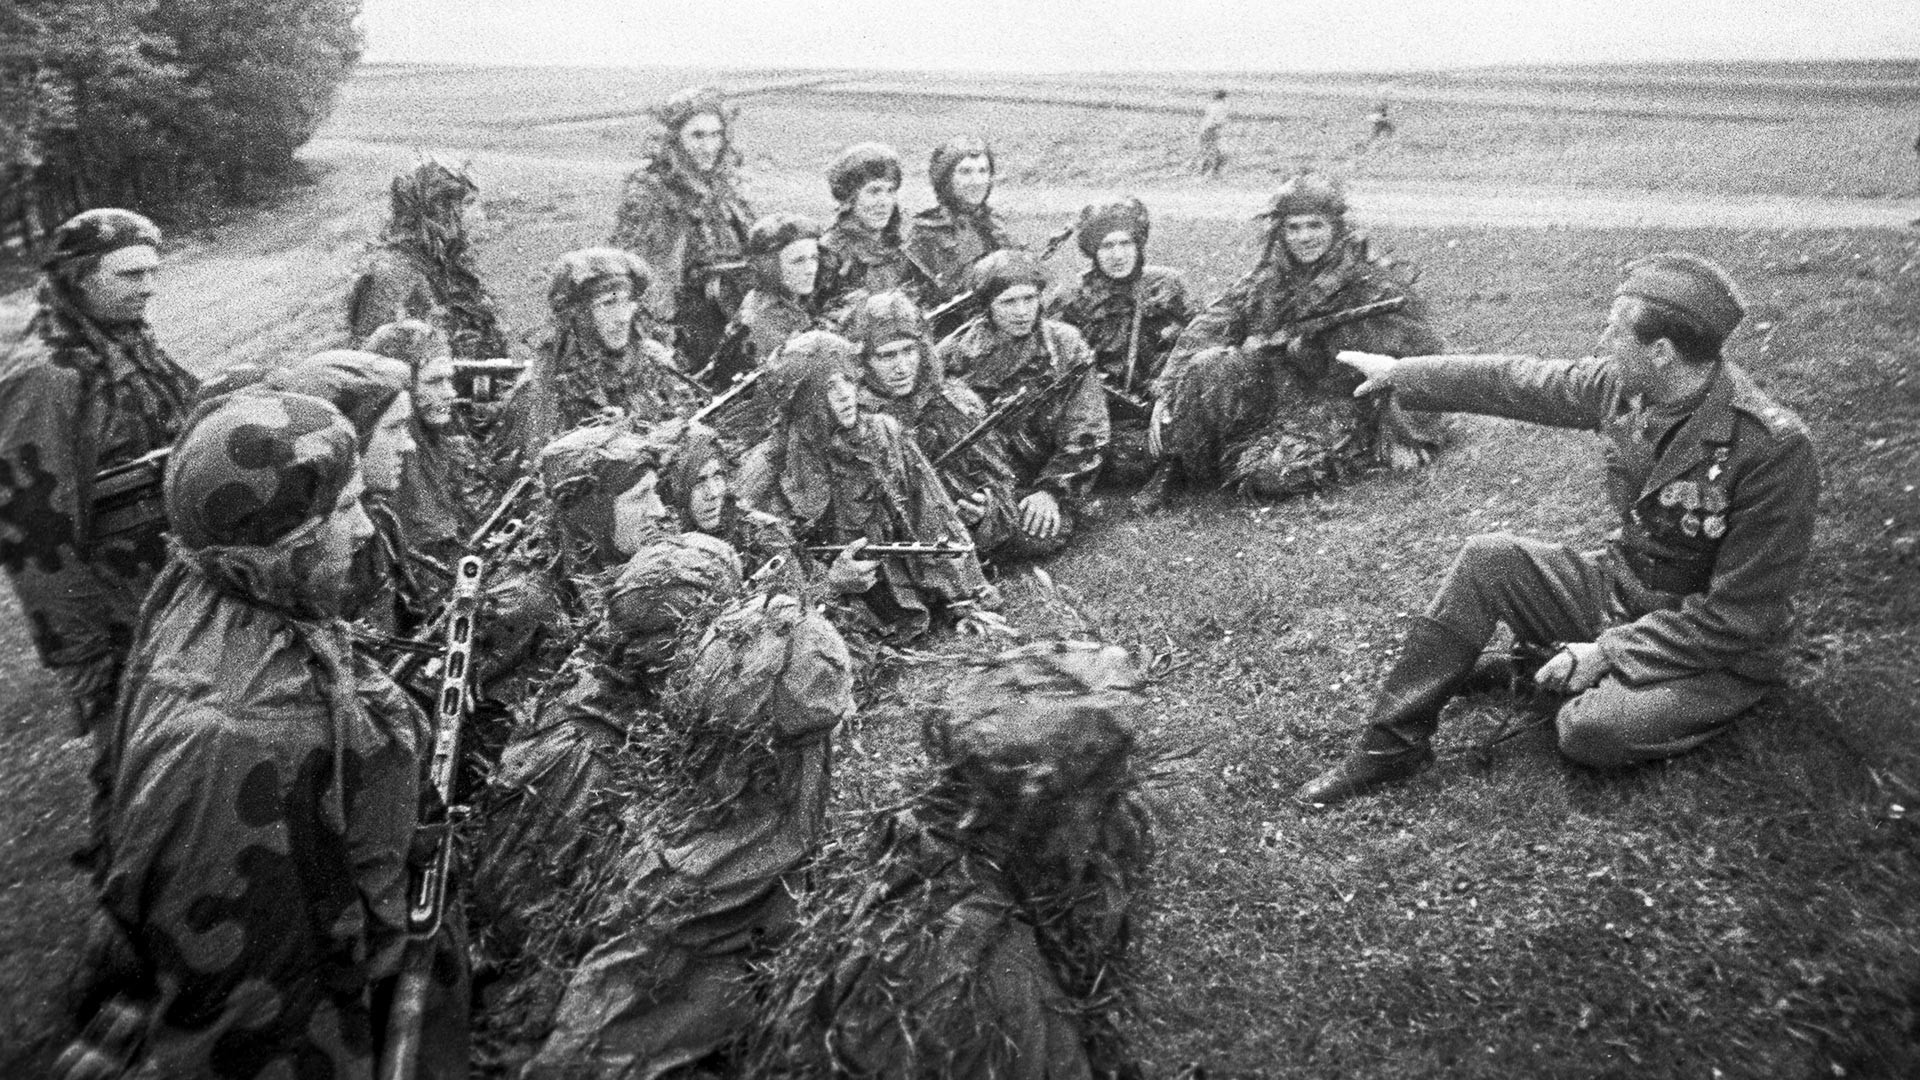 Veliki domovinski rat 1941.-1945. Praška ofenziva (6.-11. svibnja 1945.). Antonín Sochor, zapovjednik čete Prvog pješadijskog bataljuna Prve zasebne čehoslovačke pješadijske brigade u sklopu 51. streljačkog korupsa 38. armije Prvog Ukrajinskog fronta.